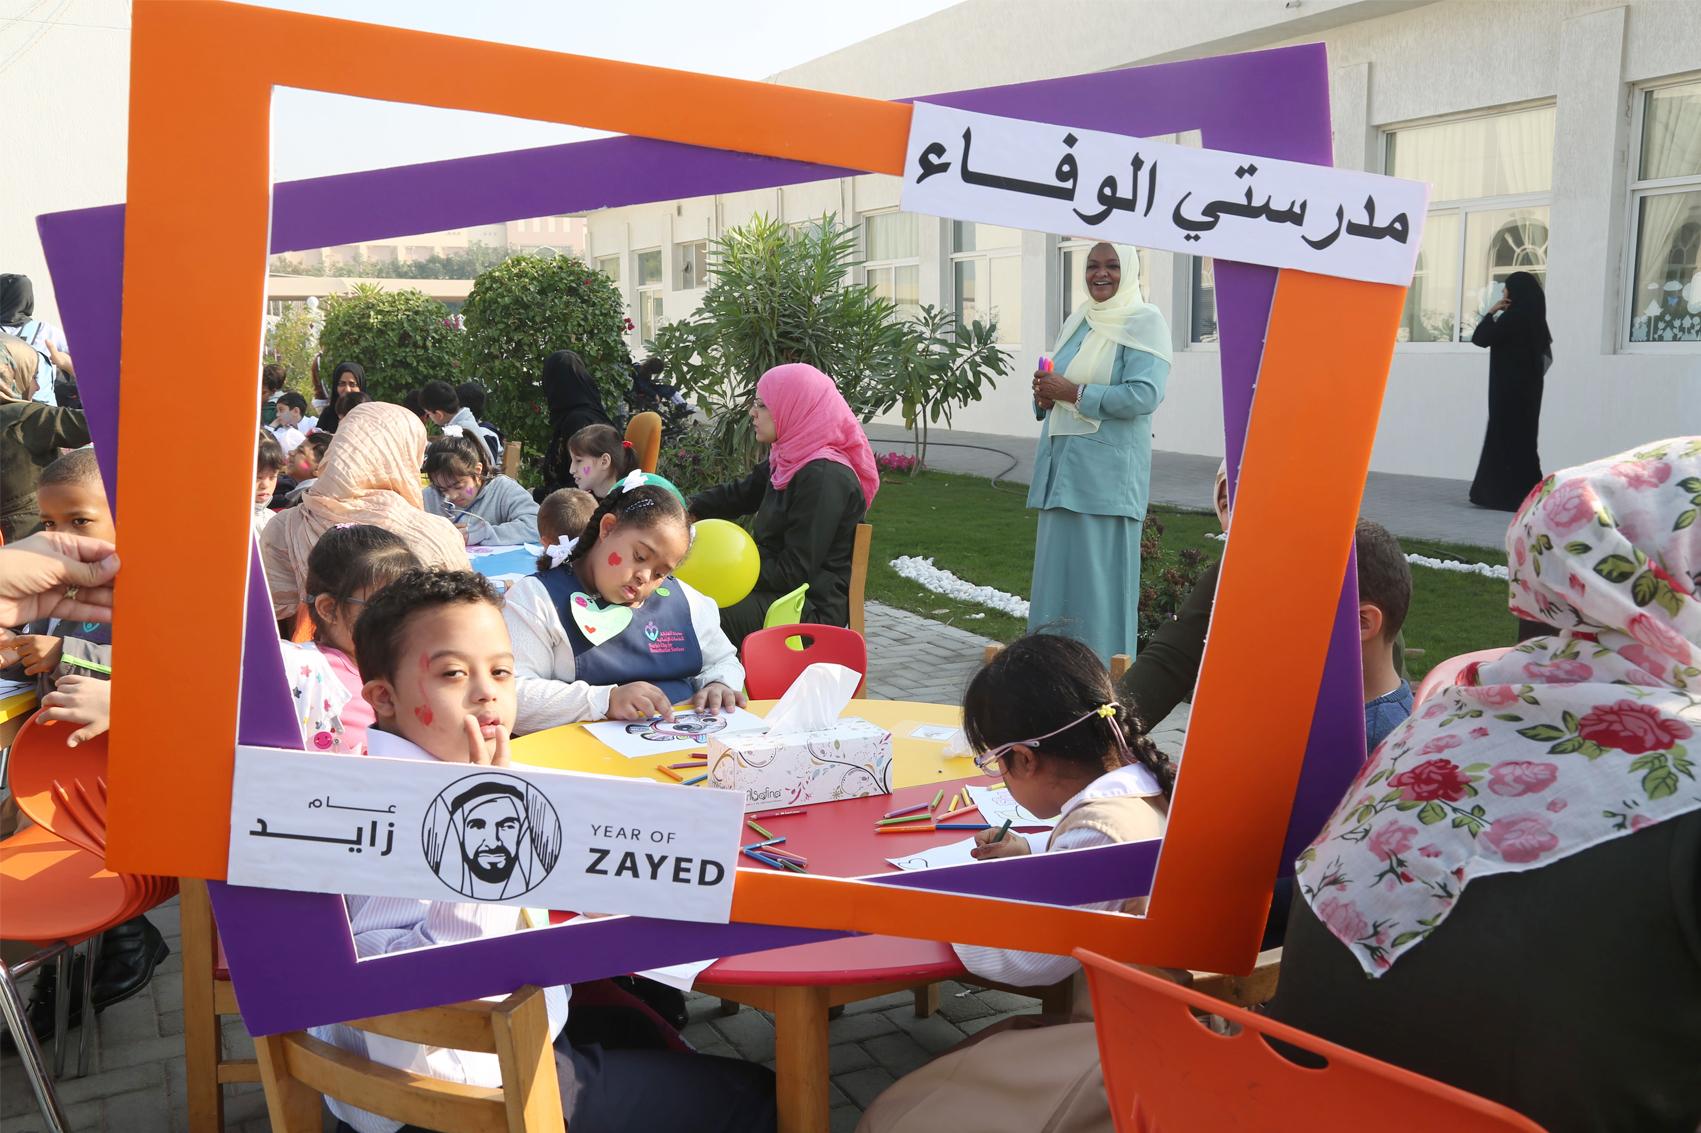 267 طالباً يلتحقون بفصول مدرسة الوفاء لتنمية القدرات